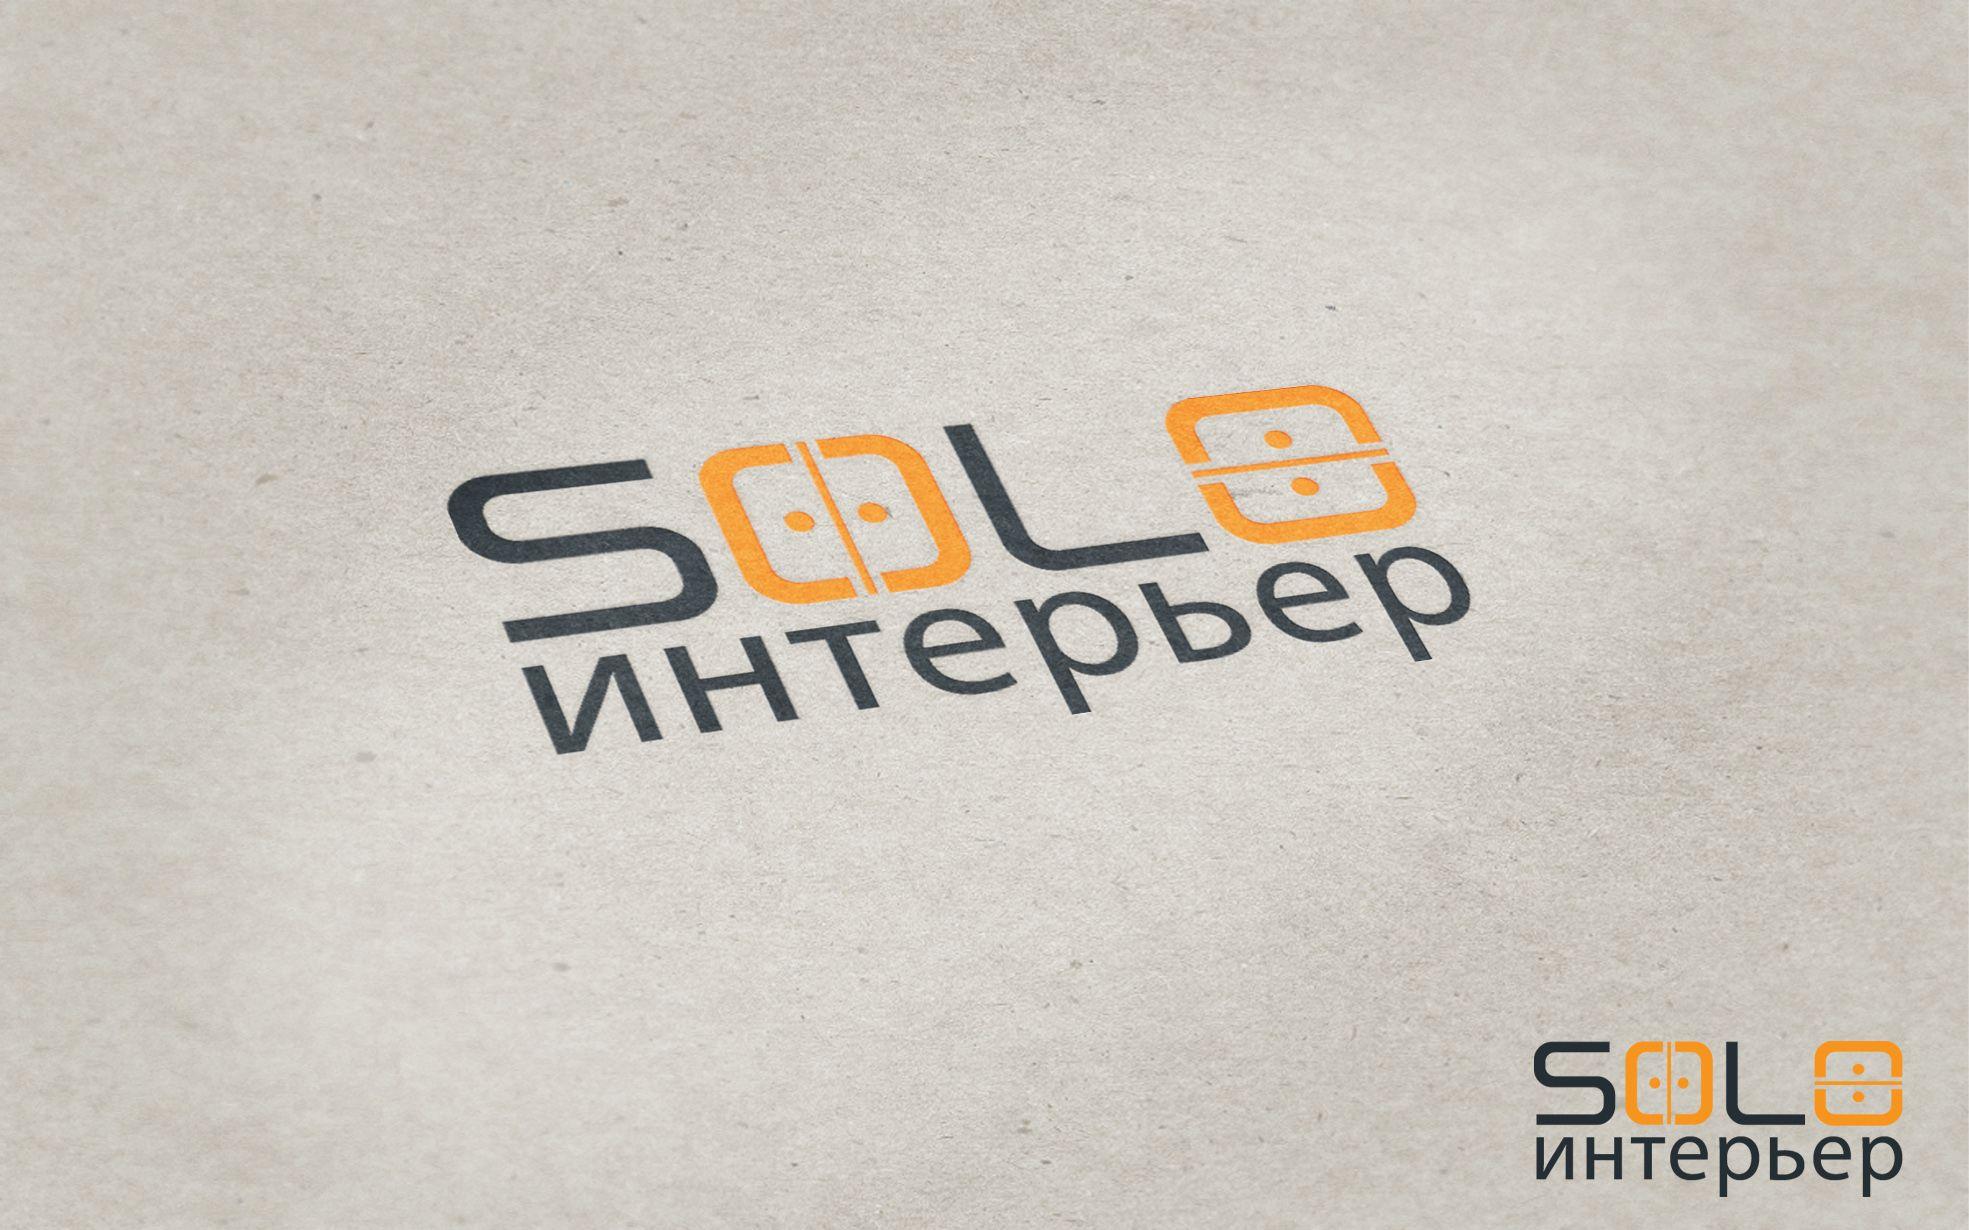 Редизайн логотипа - дизайнер andyul